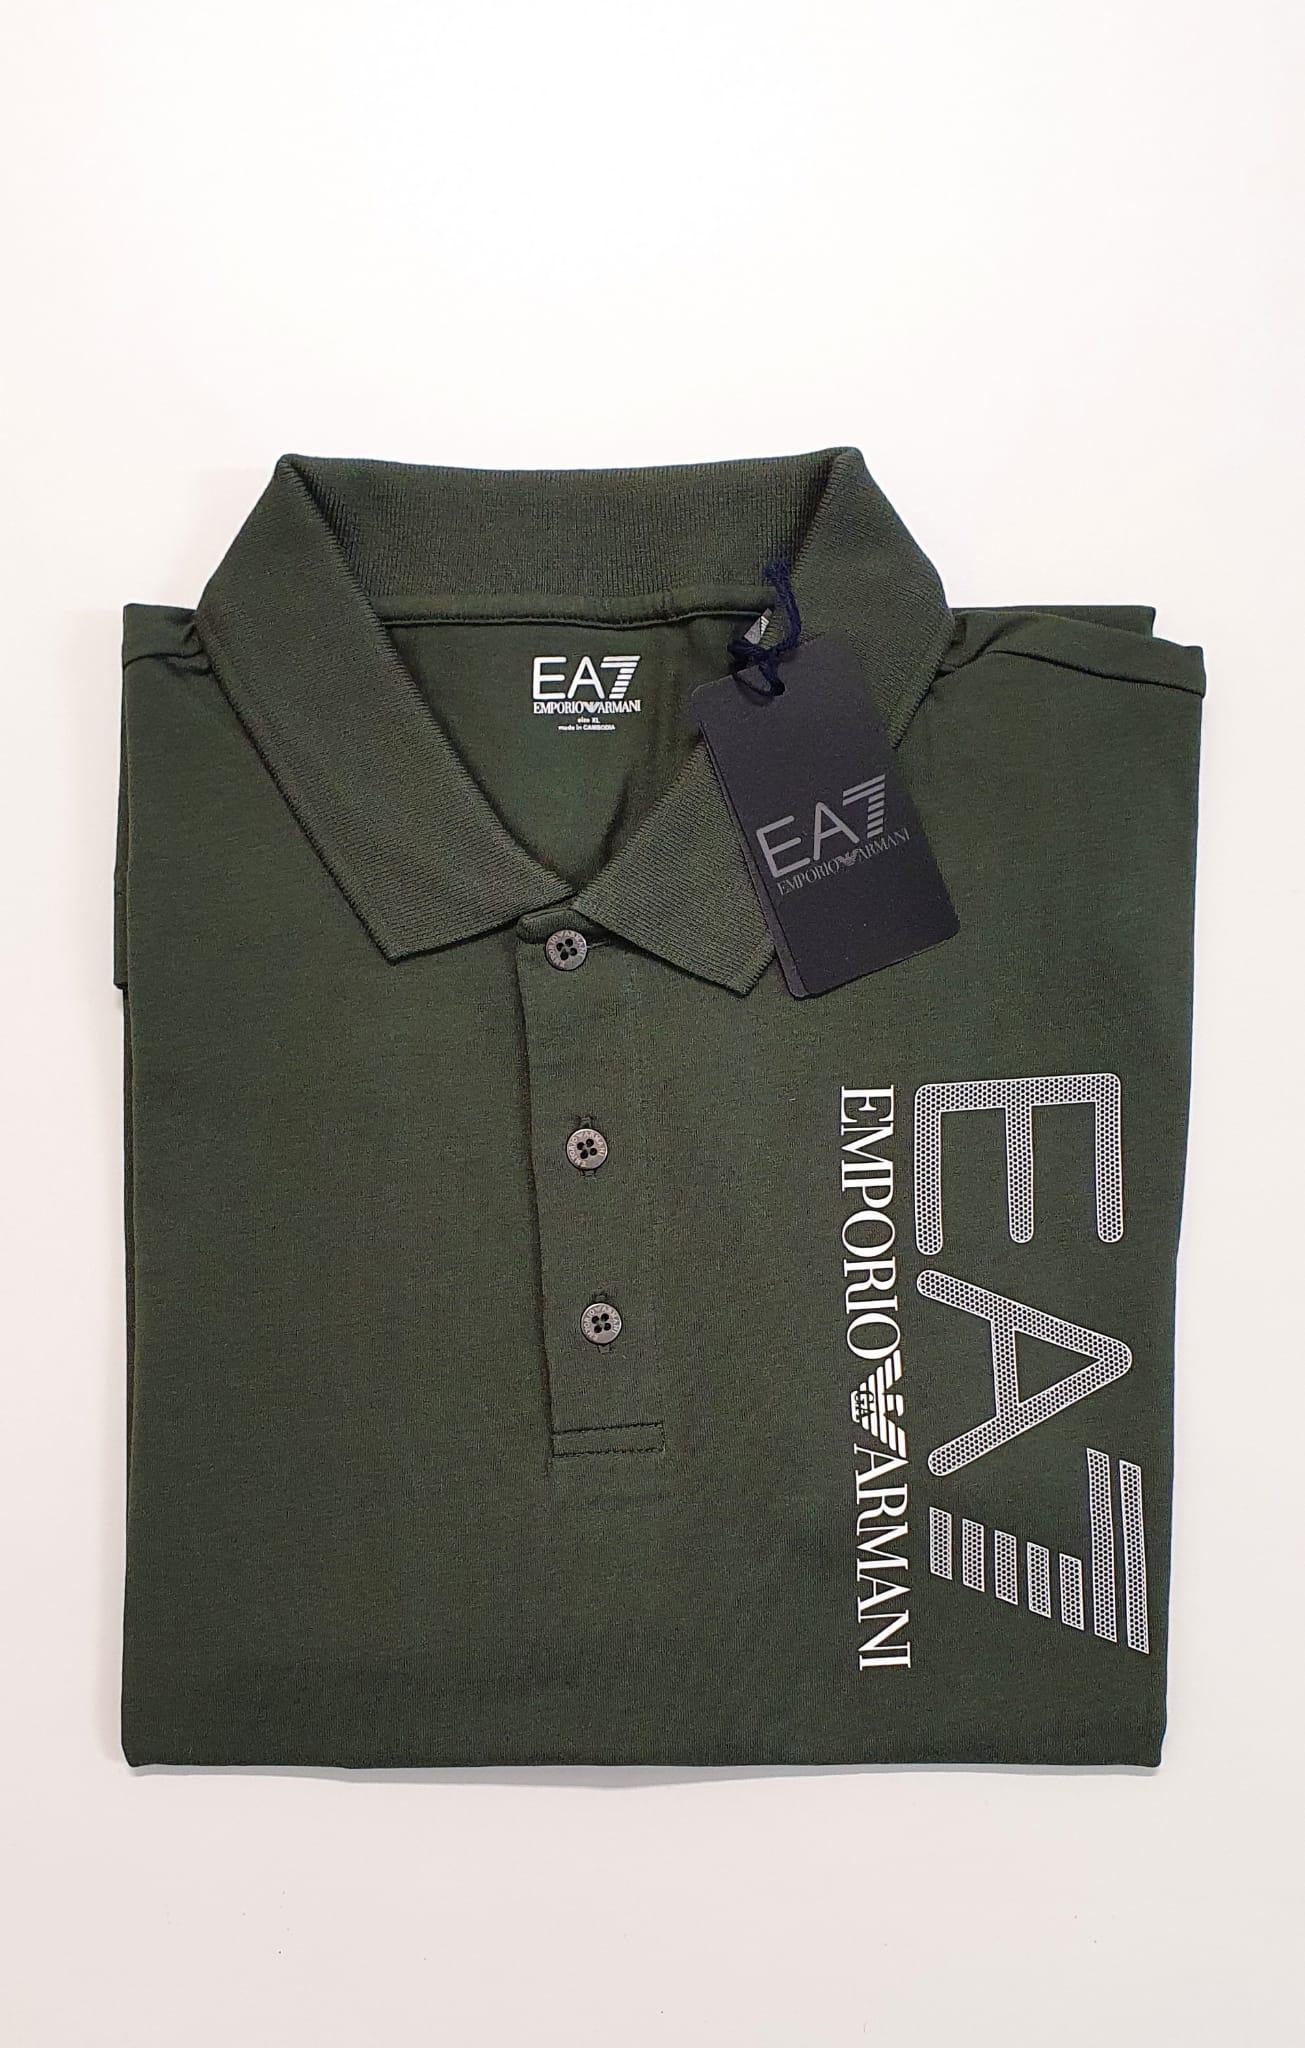 Polo EA7 Jersey Militare